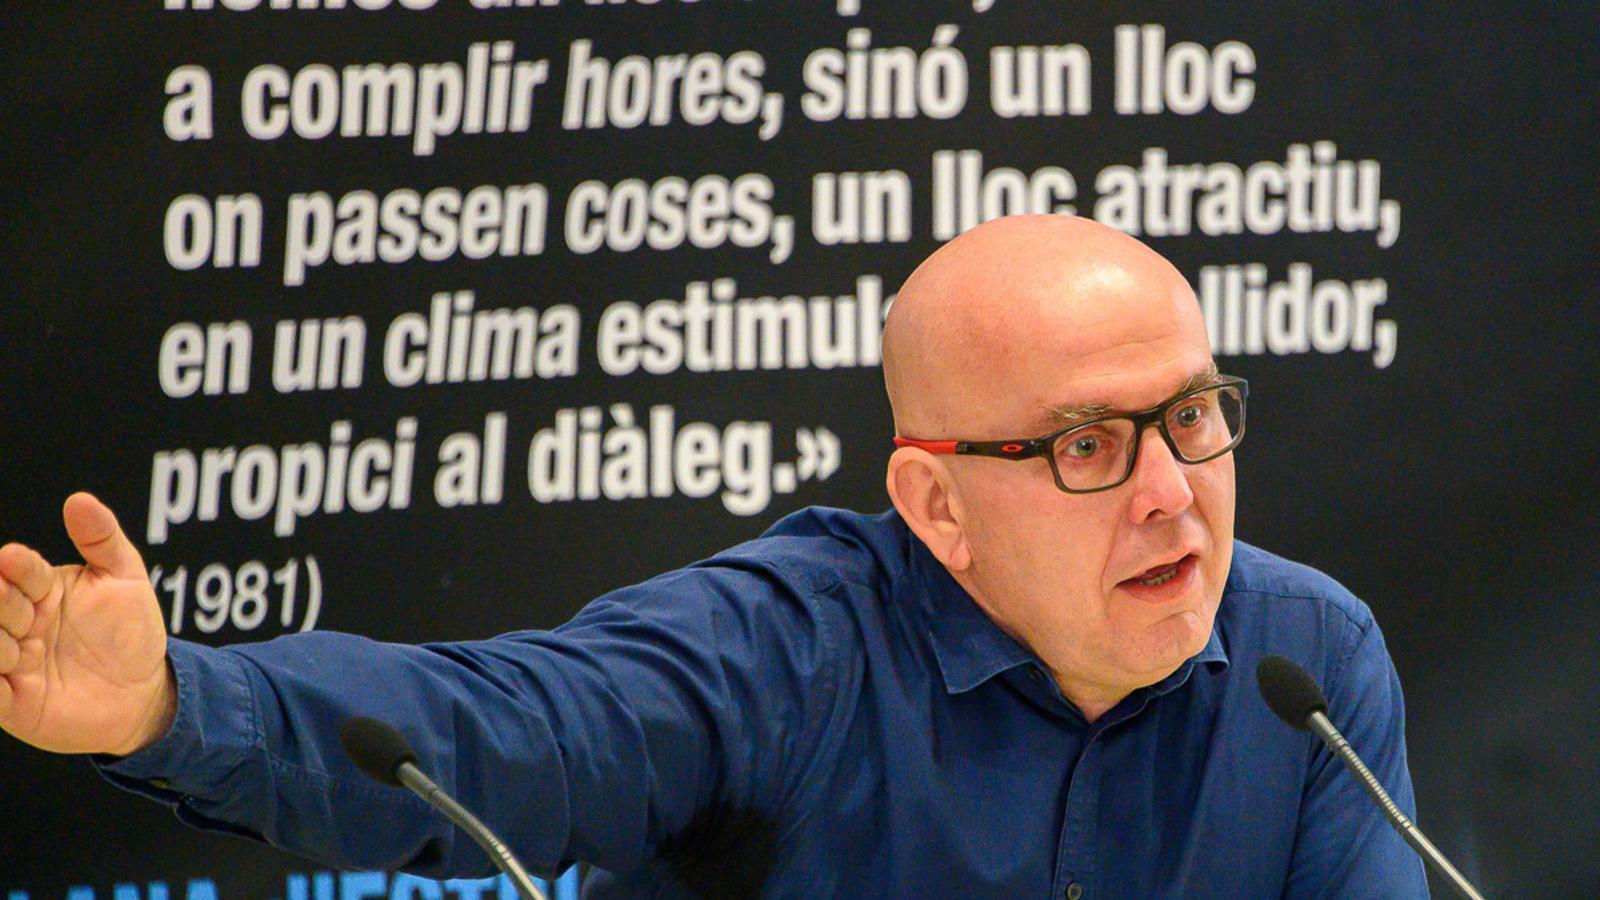 L'advocat de l'expresident de la Generalitat Carles Puigdemont, Gonzalo Boye, en una conferència a l'UCE de Prada